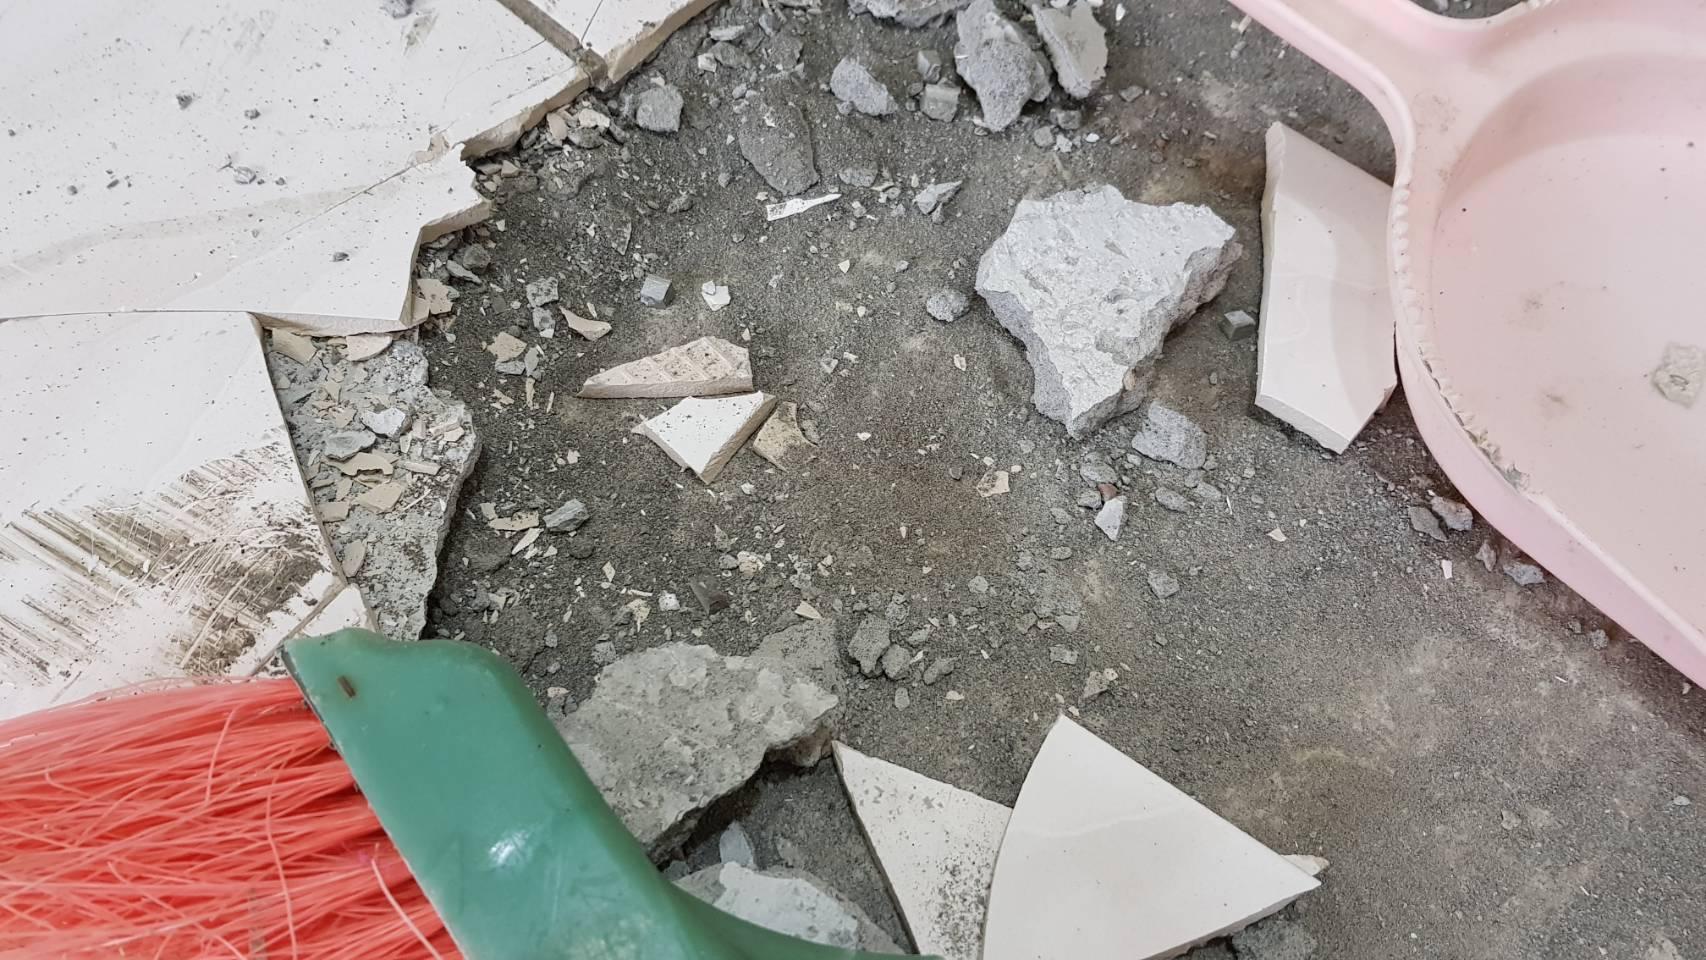 新北市住家客廳地磚更新工程-鑫侑企業社,板橋室內裝修,中和室內裝修,永和室內裝修,新店室內裝修 (7)